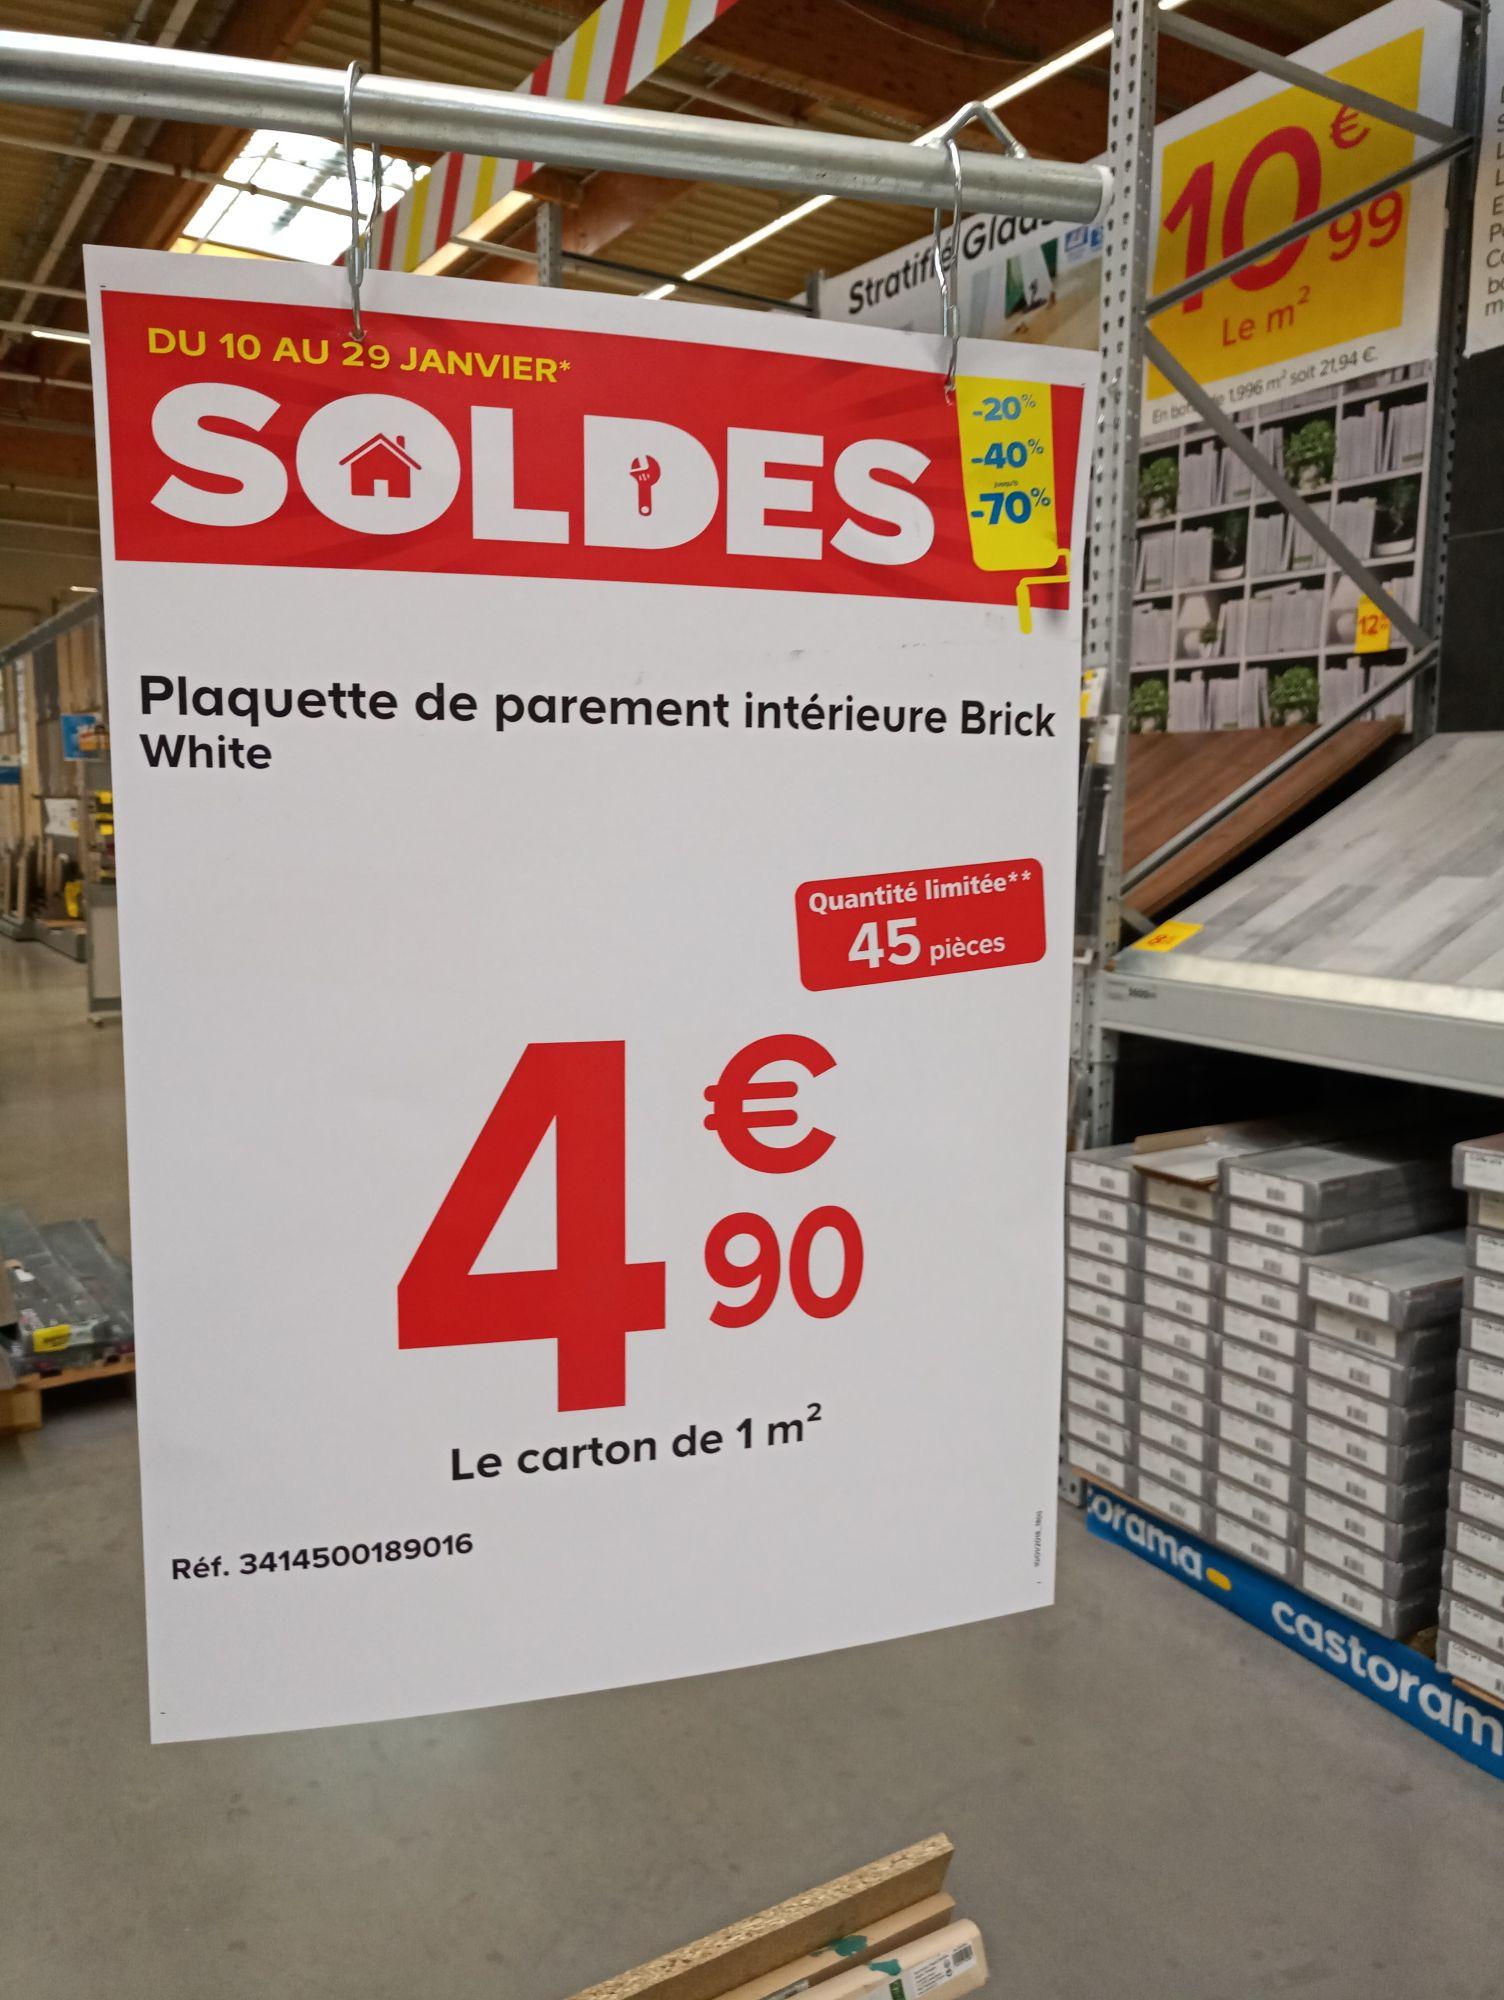 Plaquette de Parement intérieur Brick - White  - Bourg en Bresse (01)